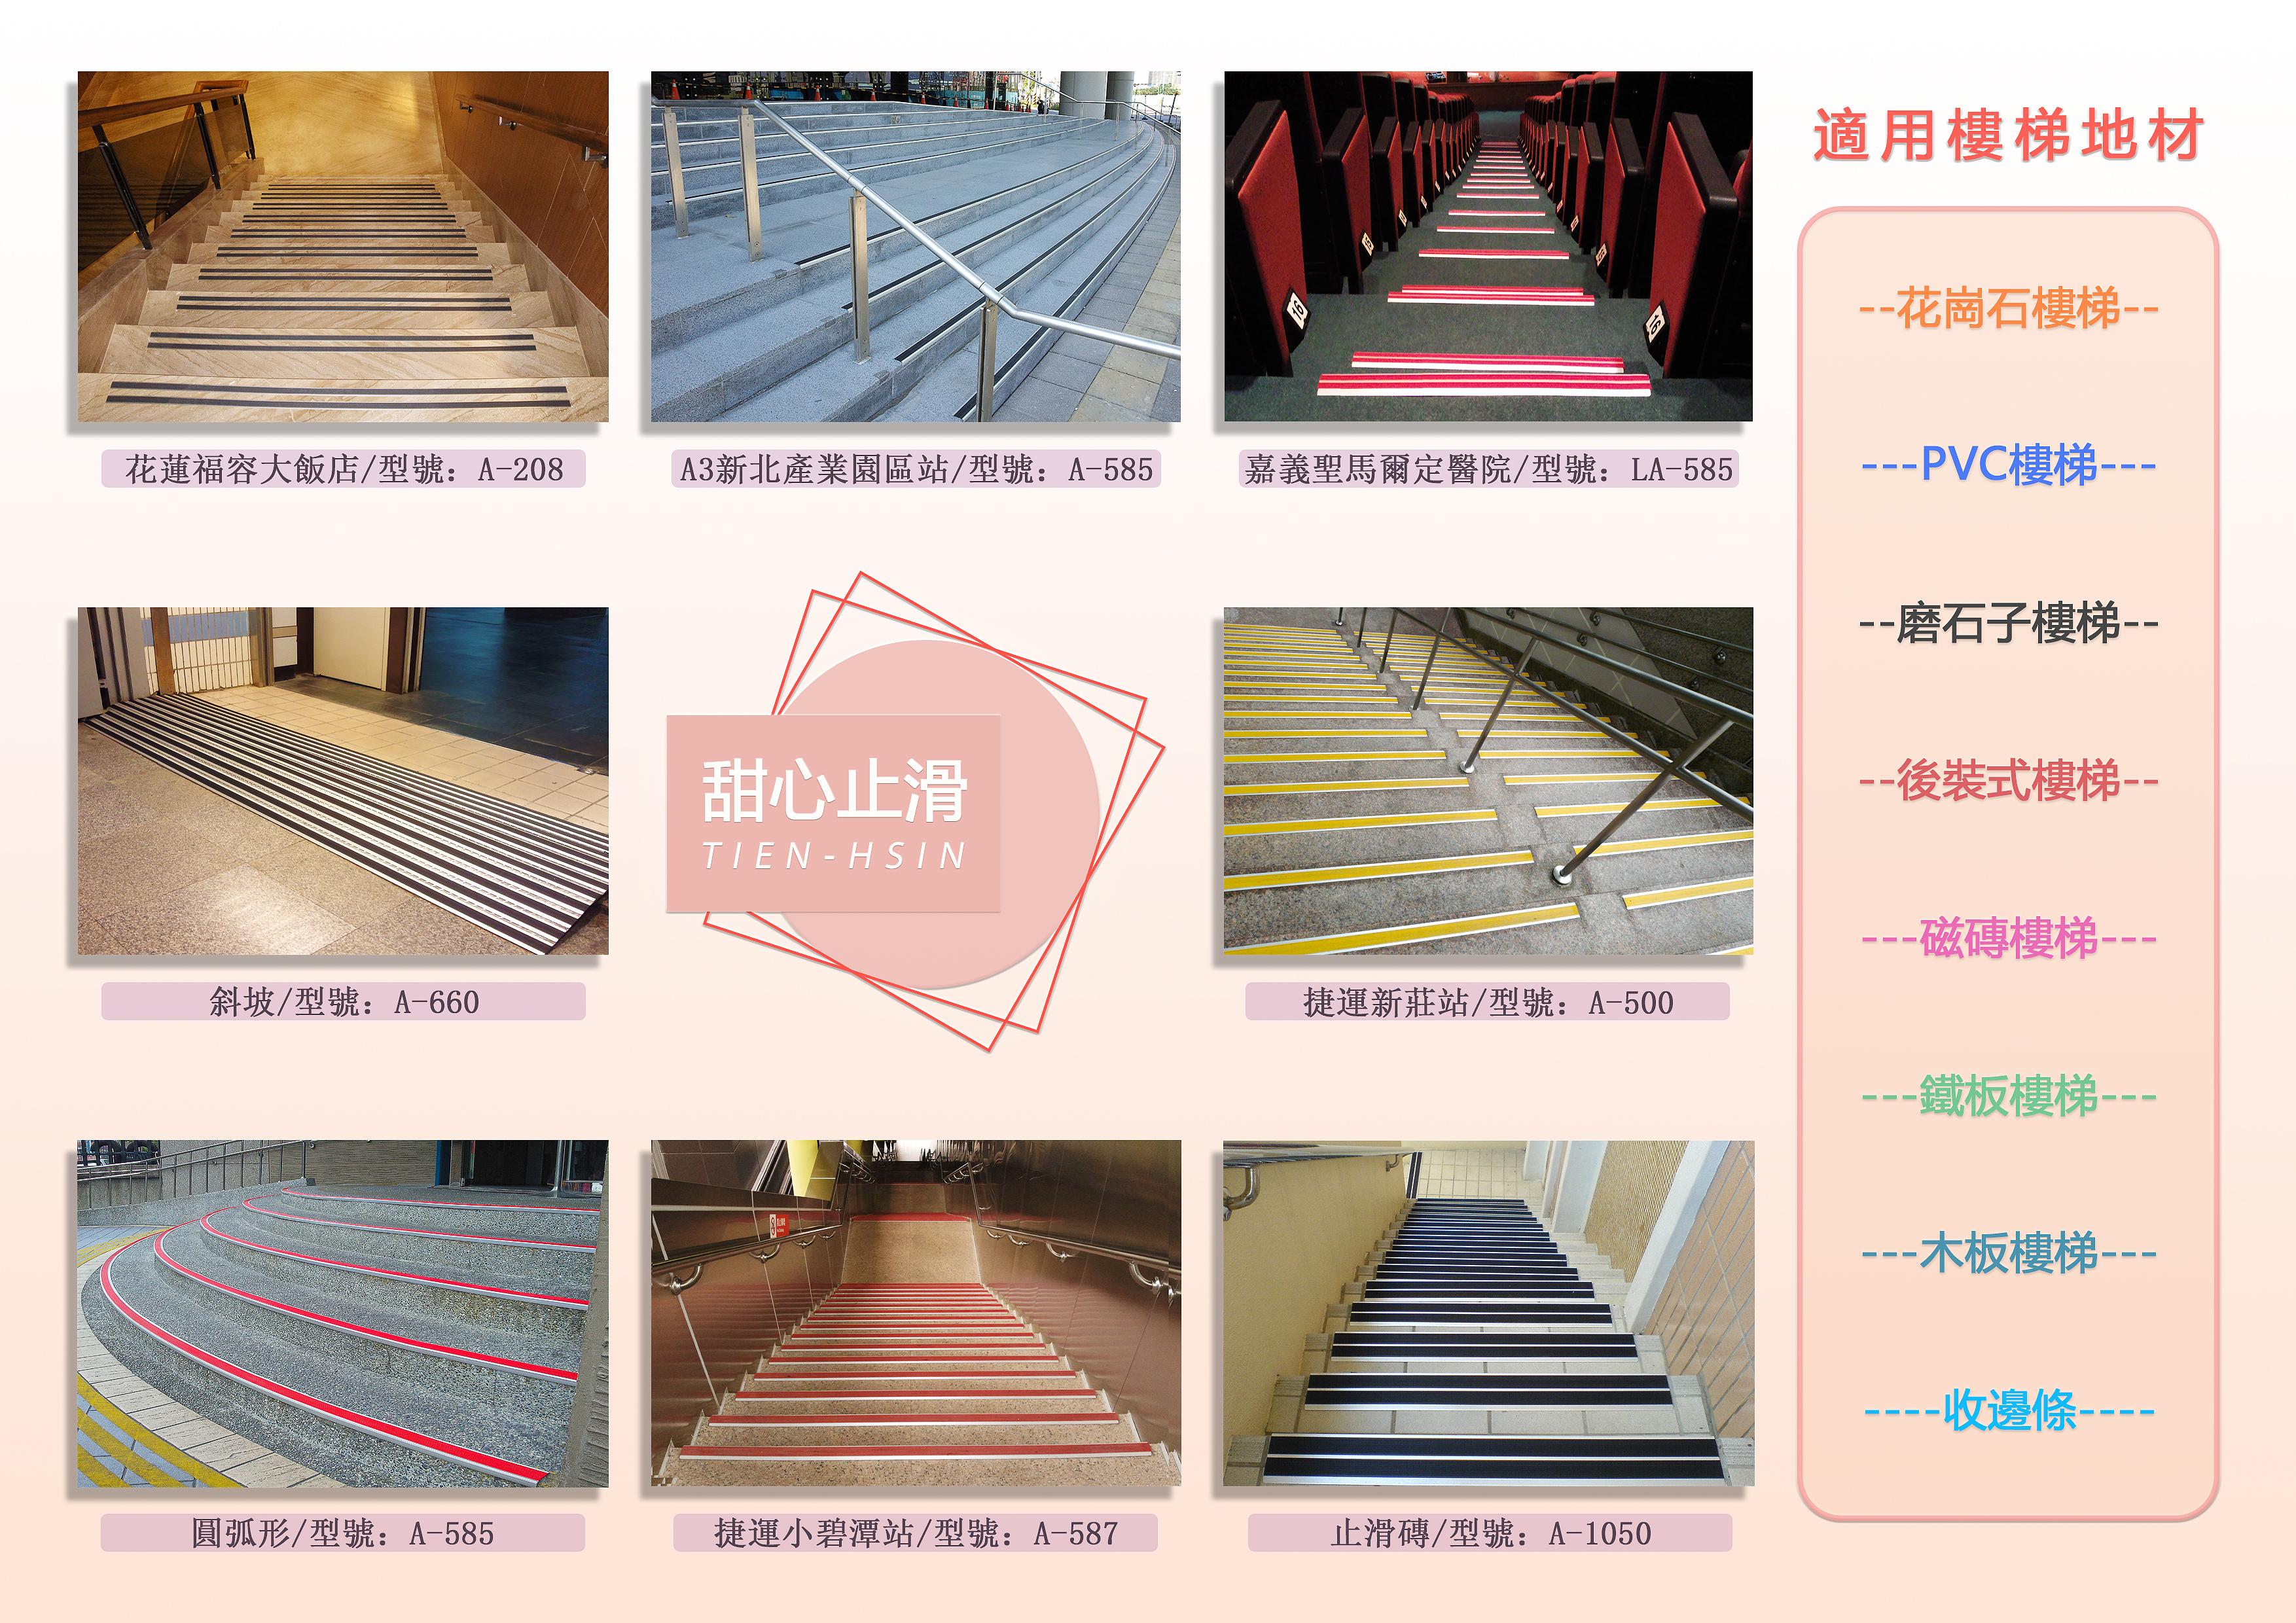 樓梯止滑條